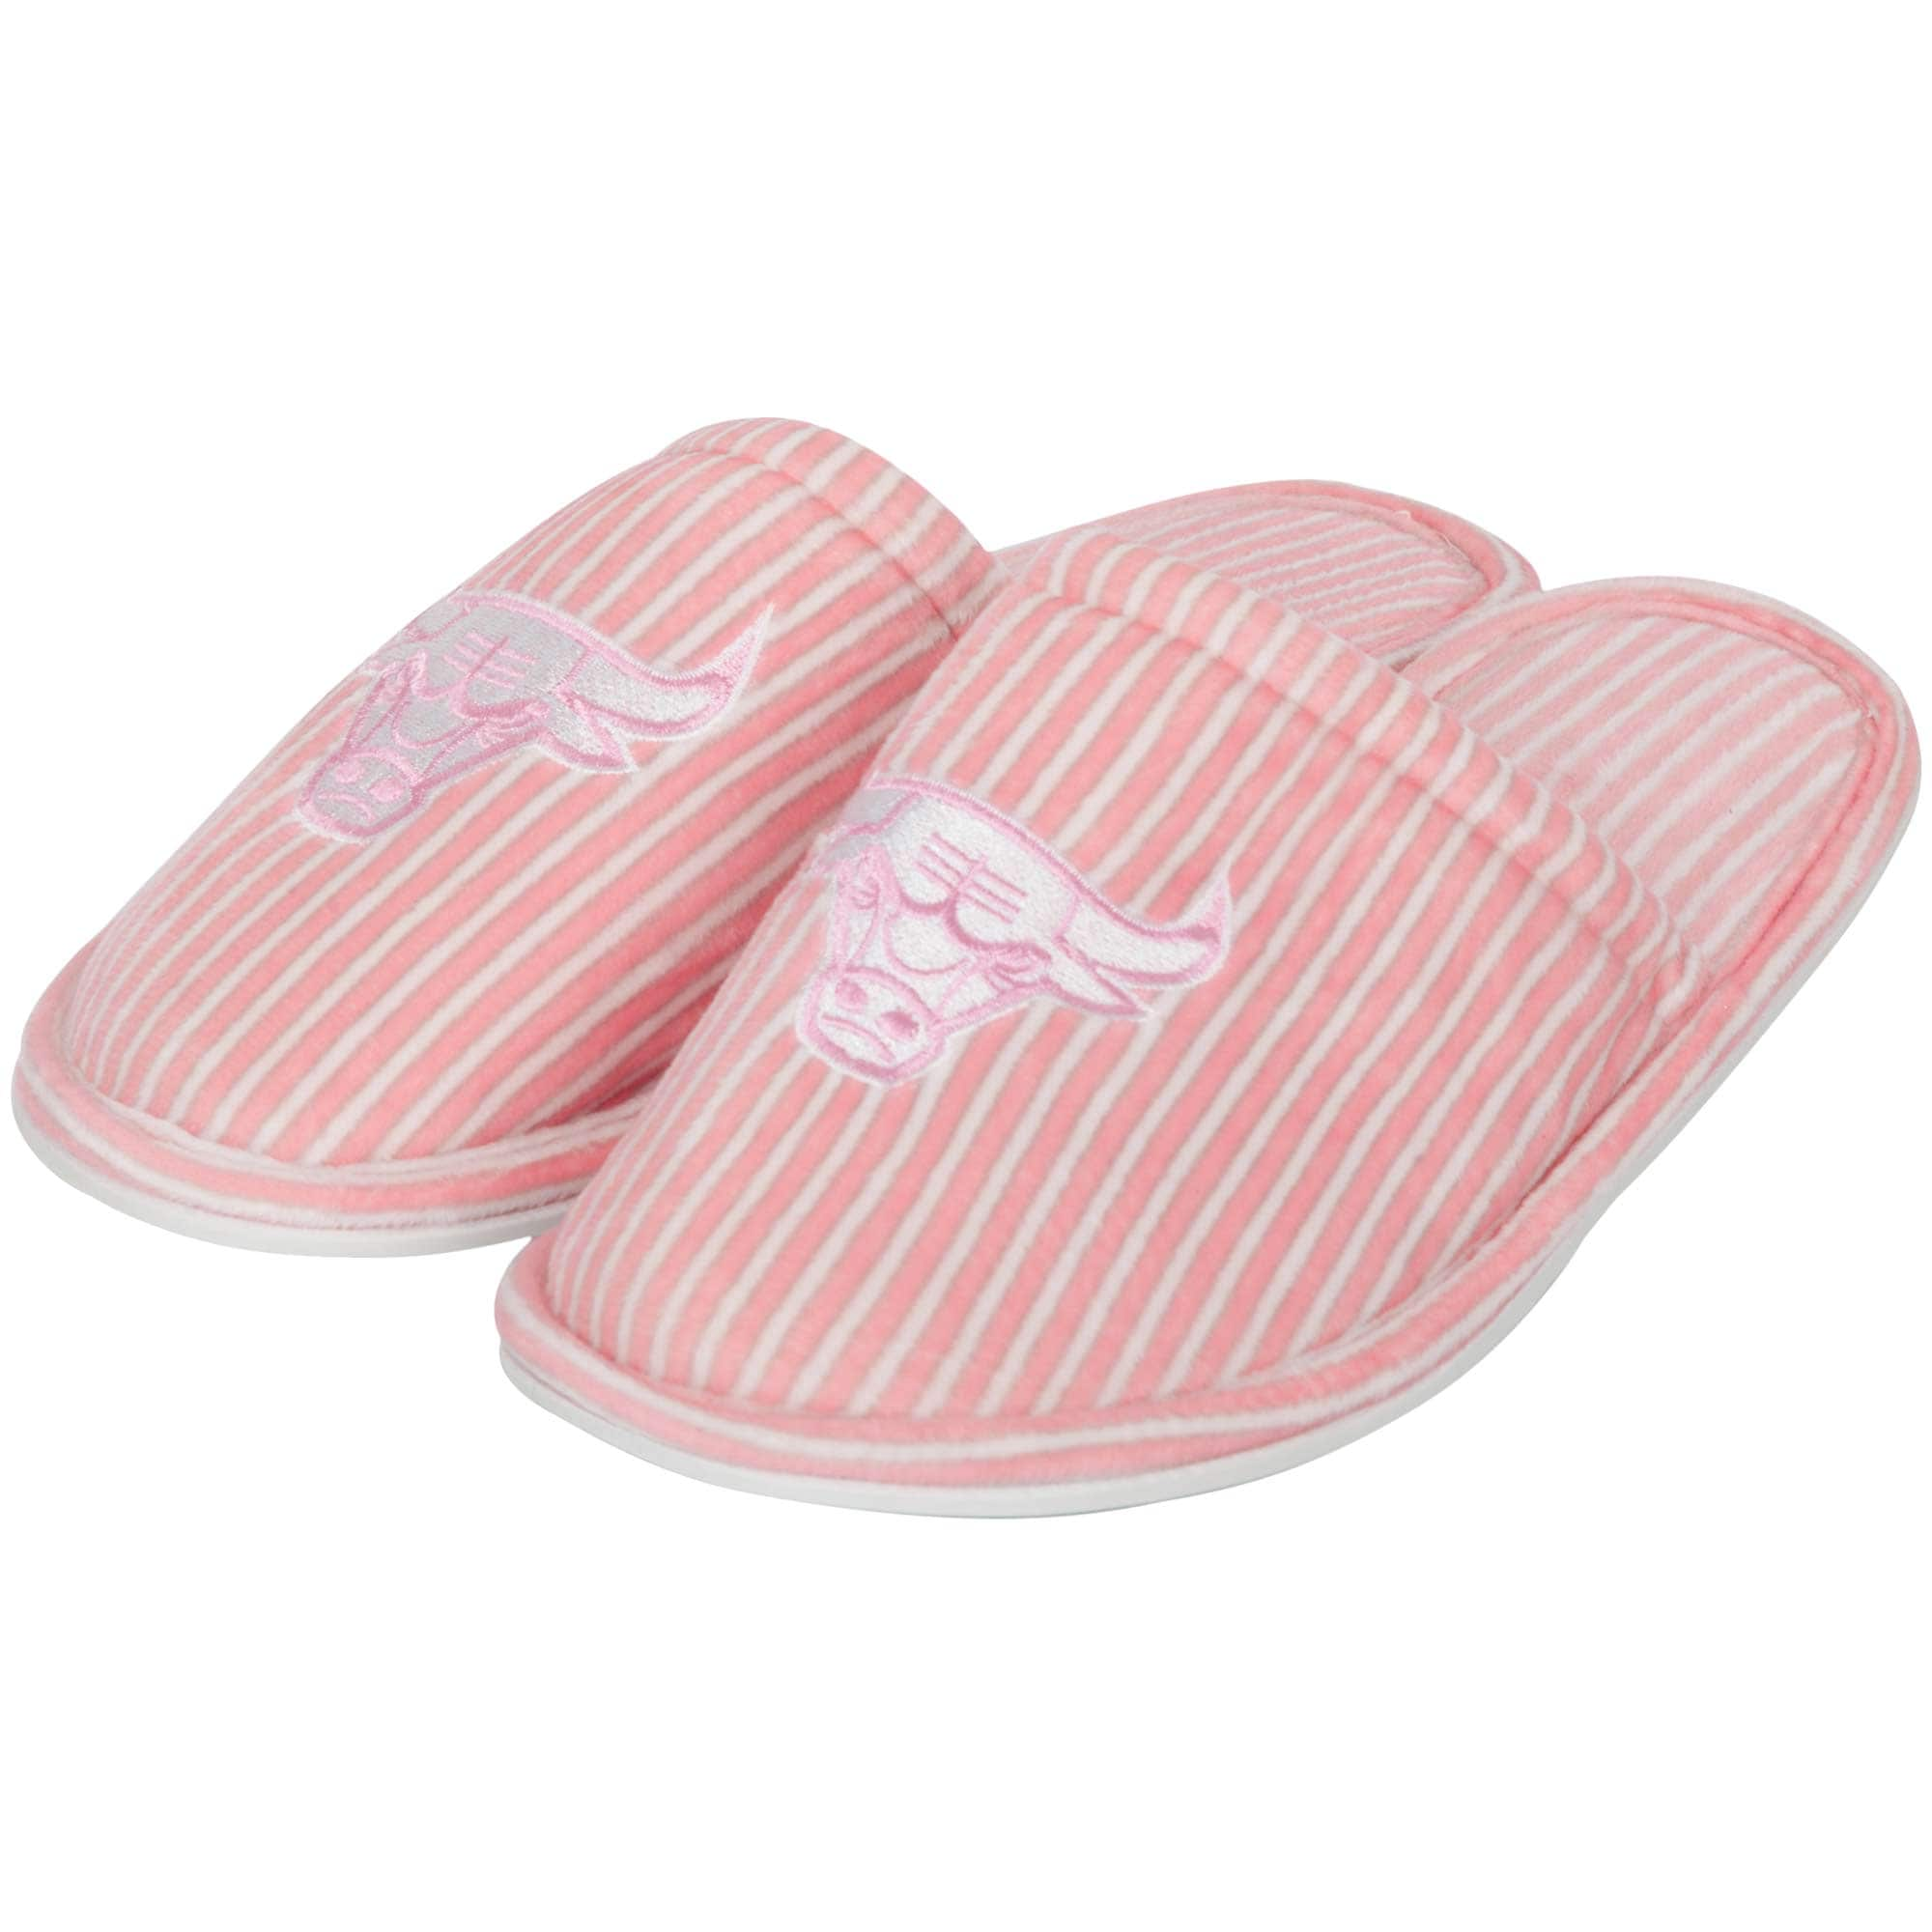 Chicago Bulls Women's Slide Slipper - Pink